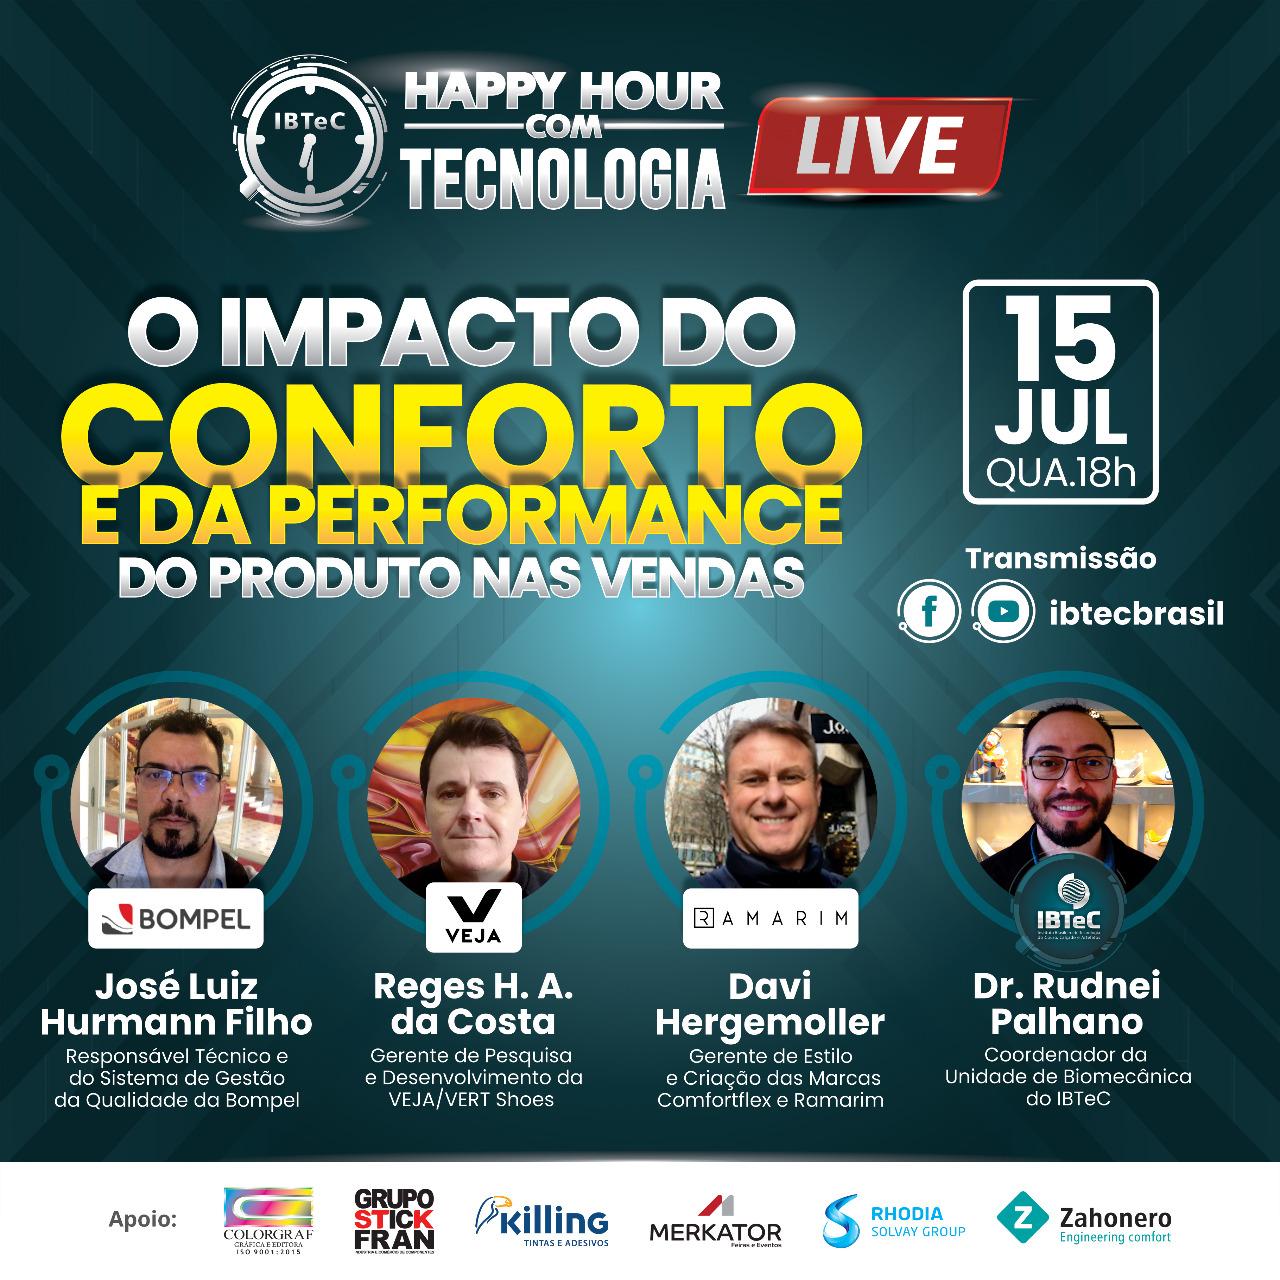 LIVE! O impacto do conforto e da performance do produto nas vendas - 15/07 (4ª feira) / 18h